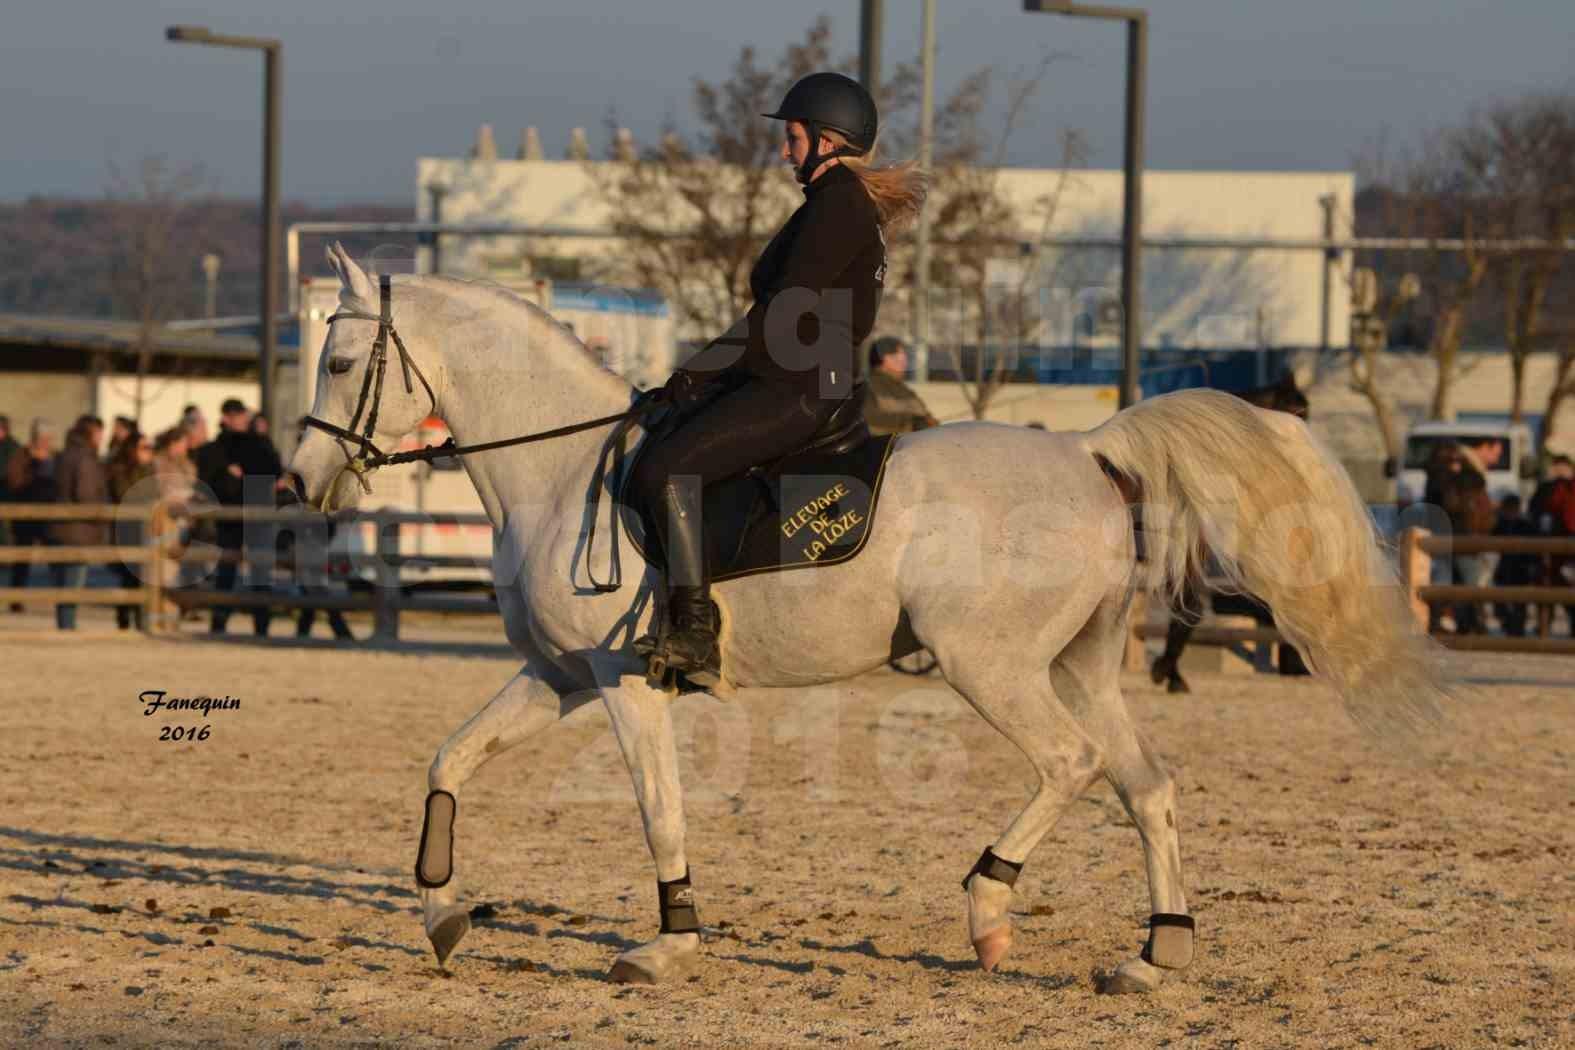 Cheval Passion 2016 - Présentation extérieure de chevaux Arabes montés - 18